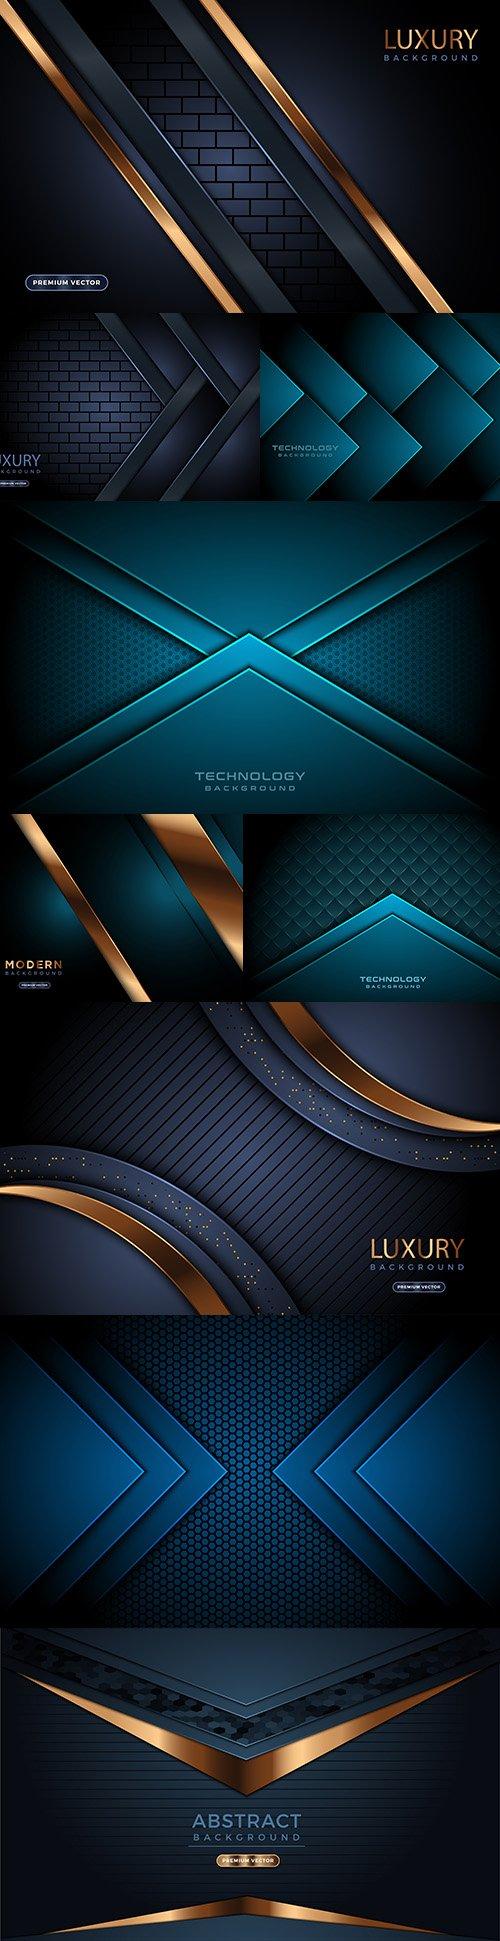 Dark background and gold design decorative element 3